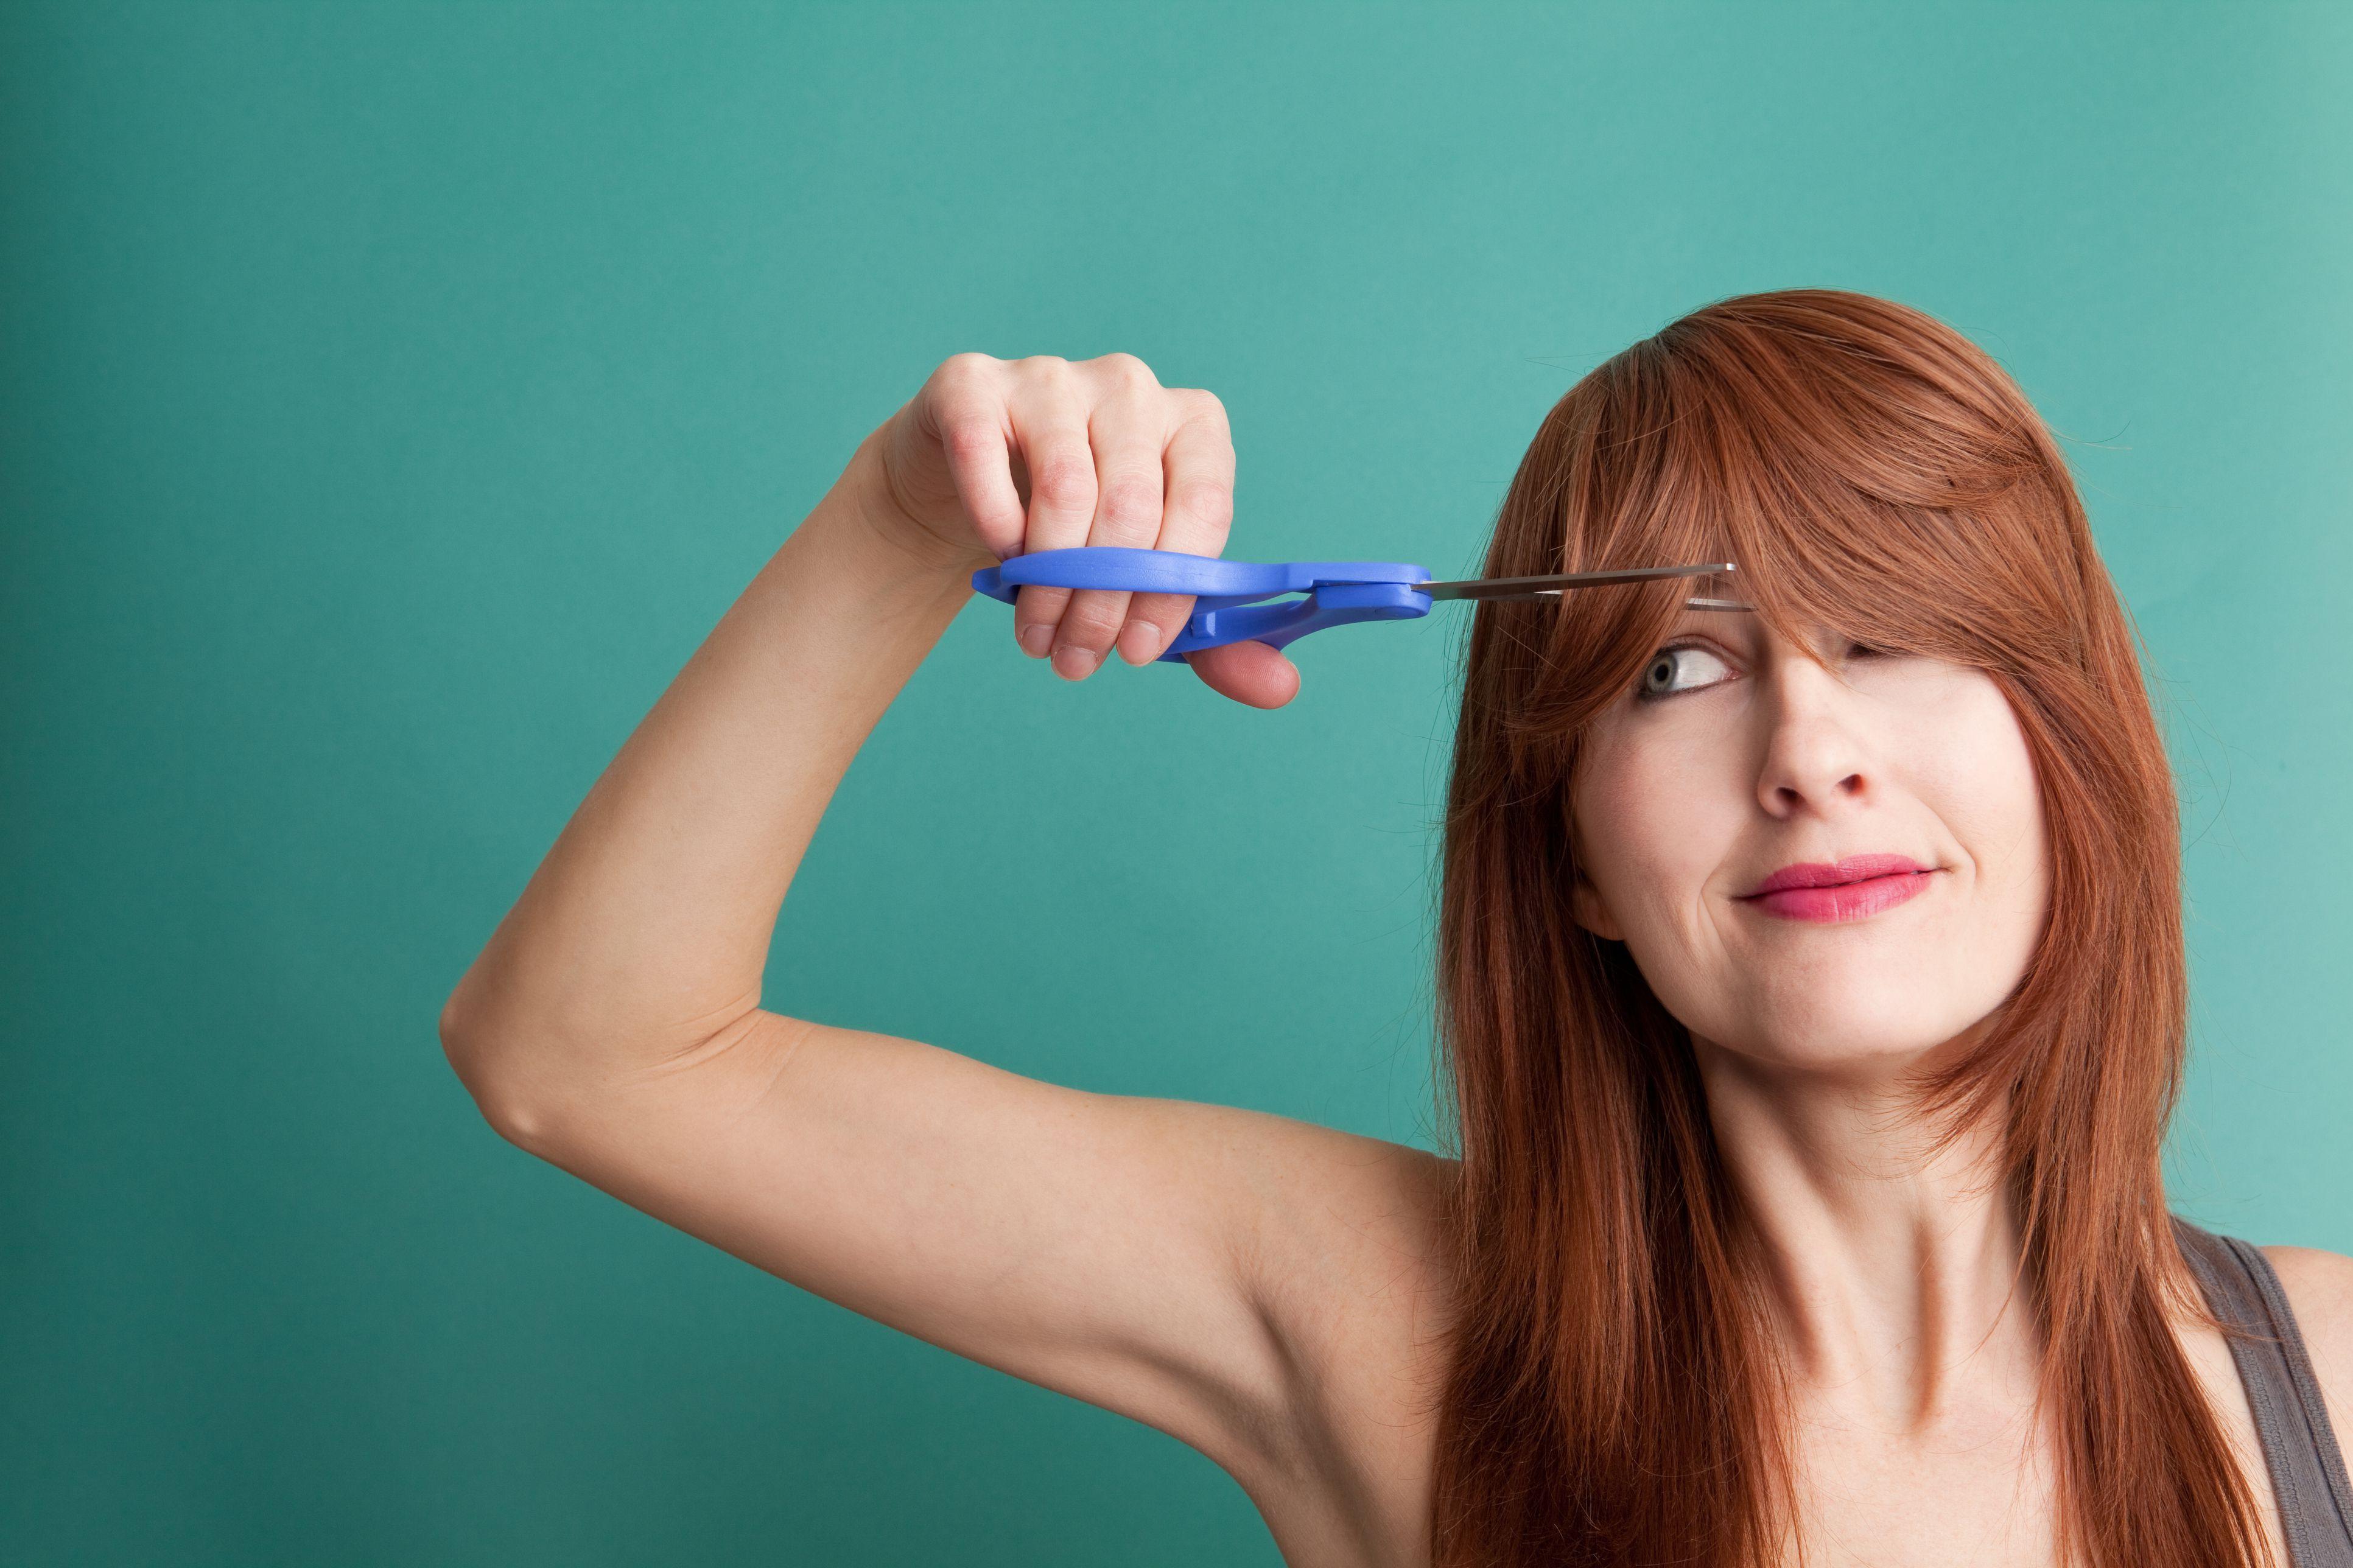 Картинки подстричь волосы